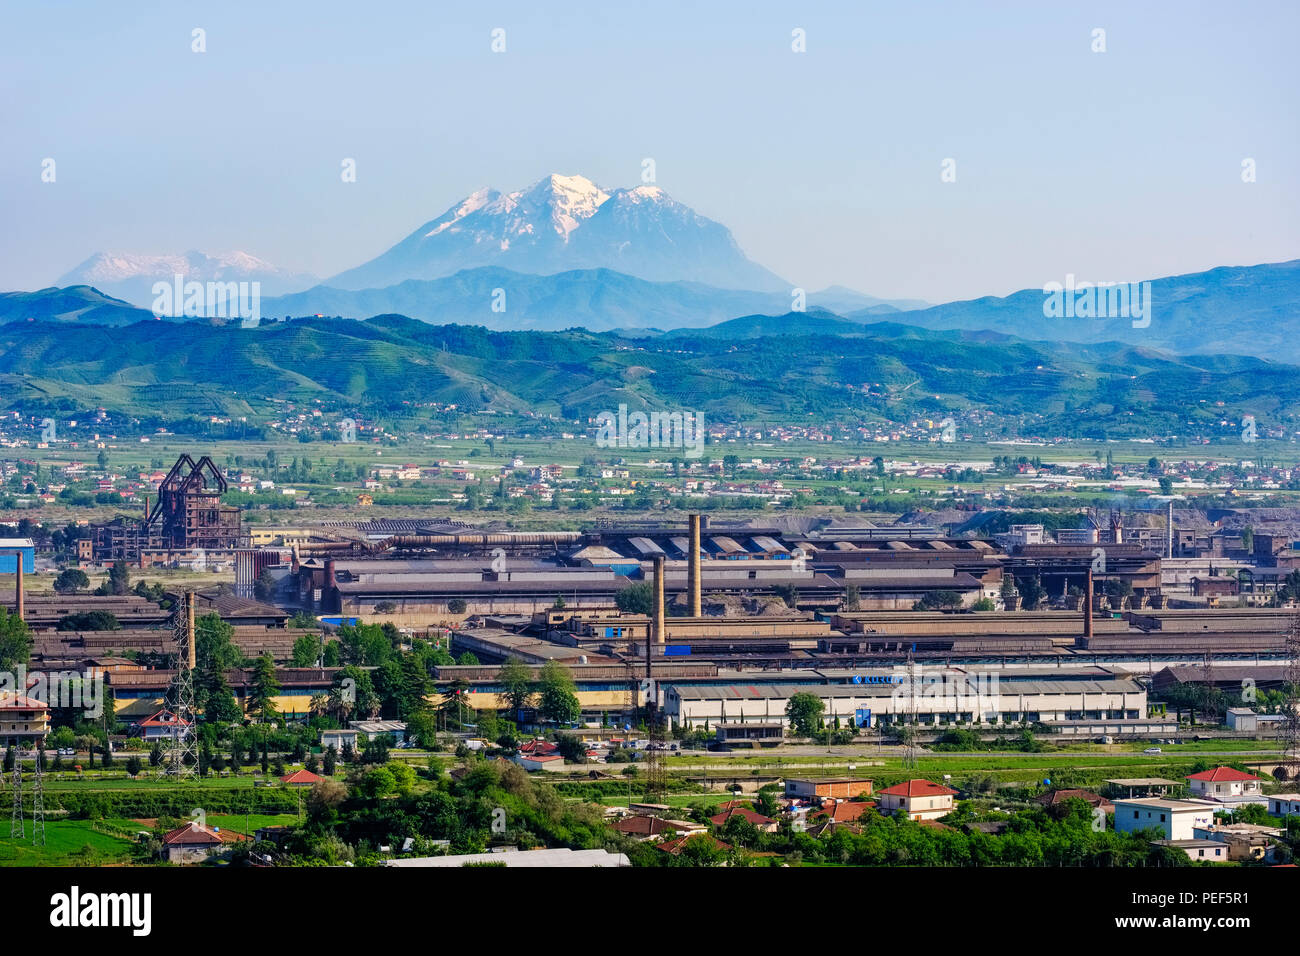 Stahlwerk Elbasan, hinter dem Berg Tomorr, Mali i Tomorit, qark Elbasan, Albanien Stockbild